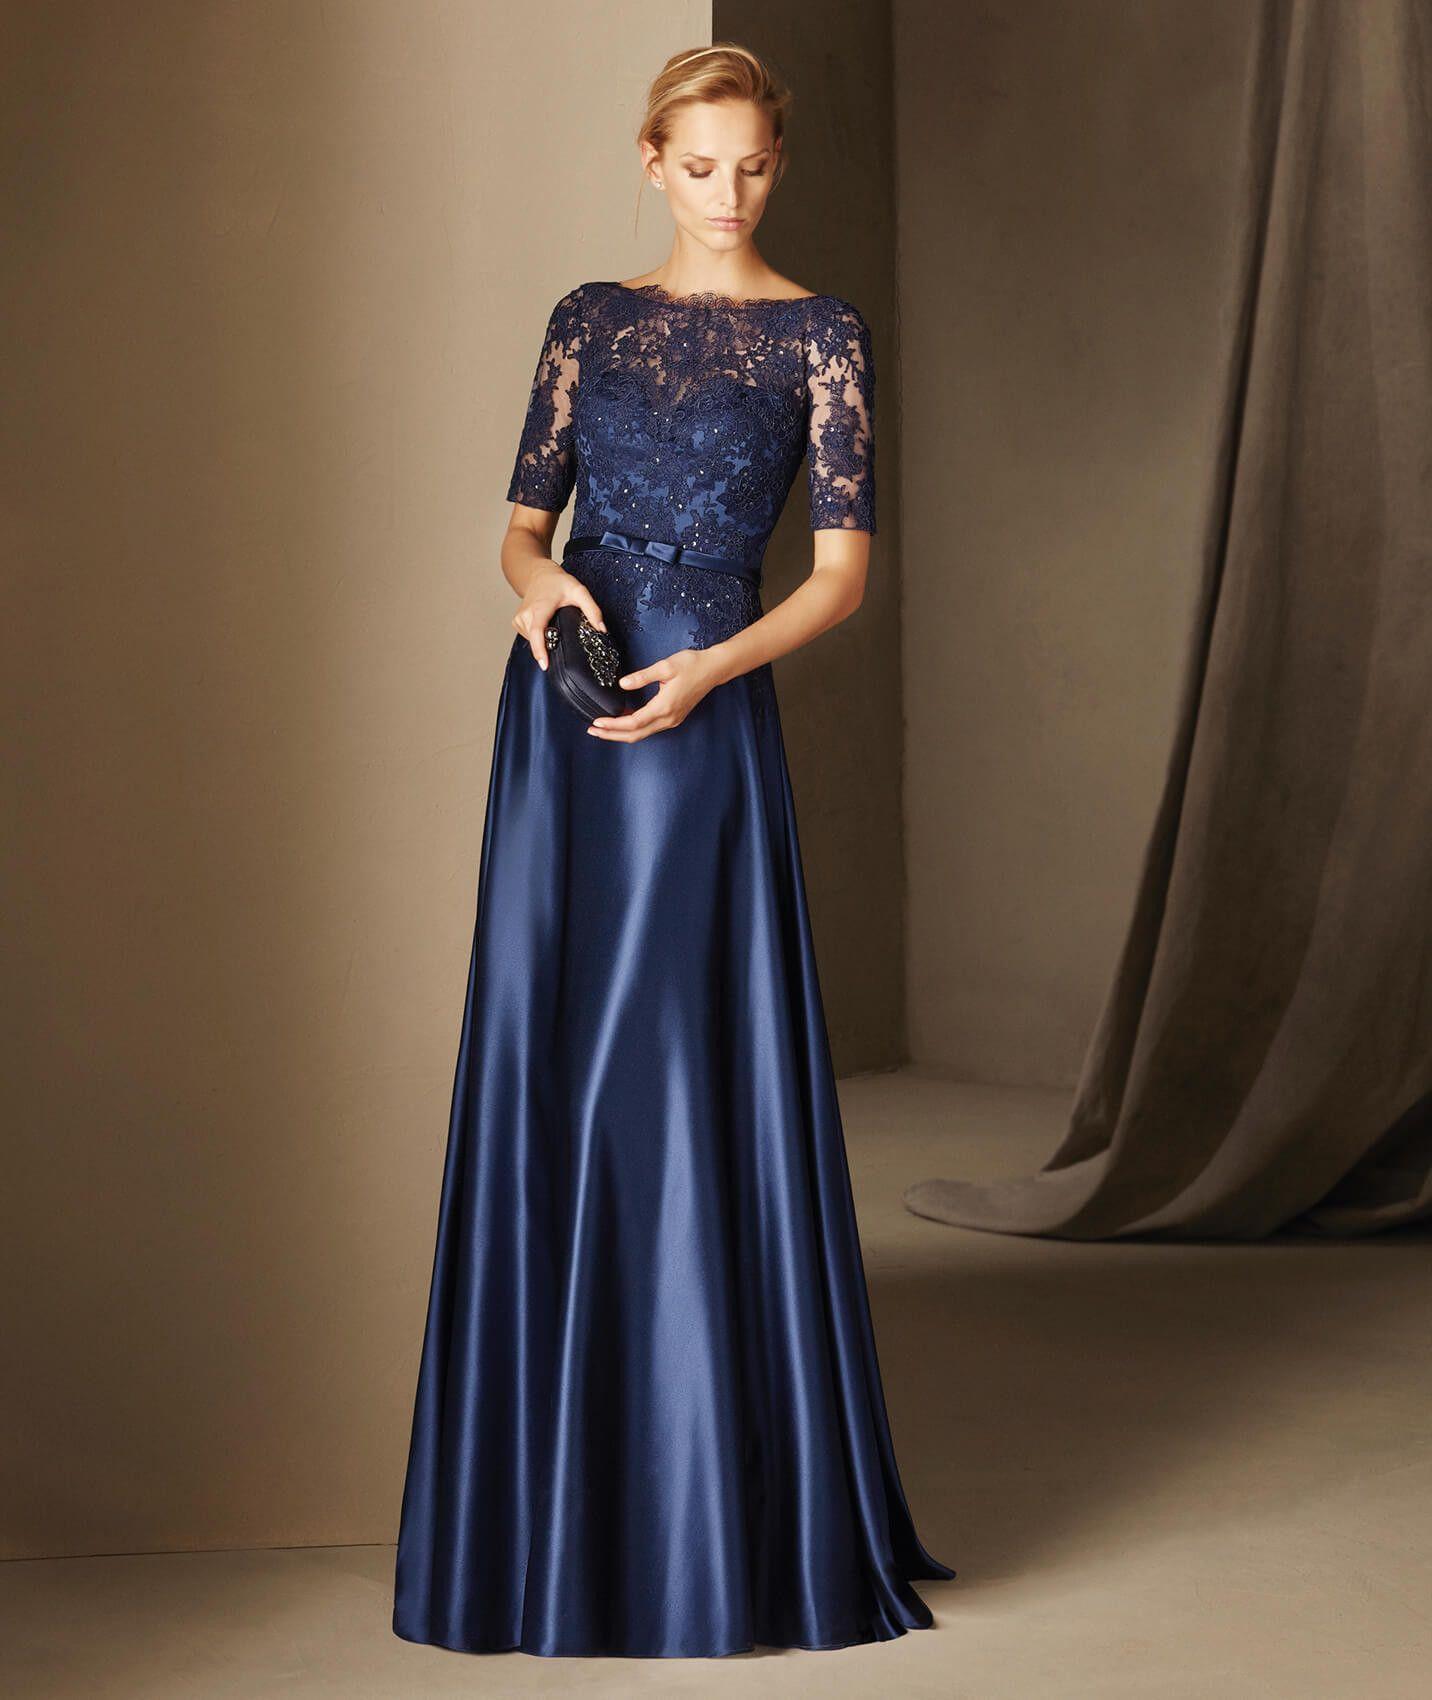 BOADA nedime elbisesi, bele oturan, kayık yaka, şık bir seçimdir ve yapılmış olduğu tül ve dantel, romantik bir biçimde esinlenilmiş unsurlardır.